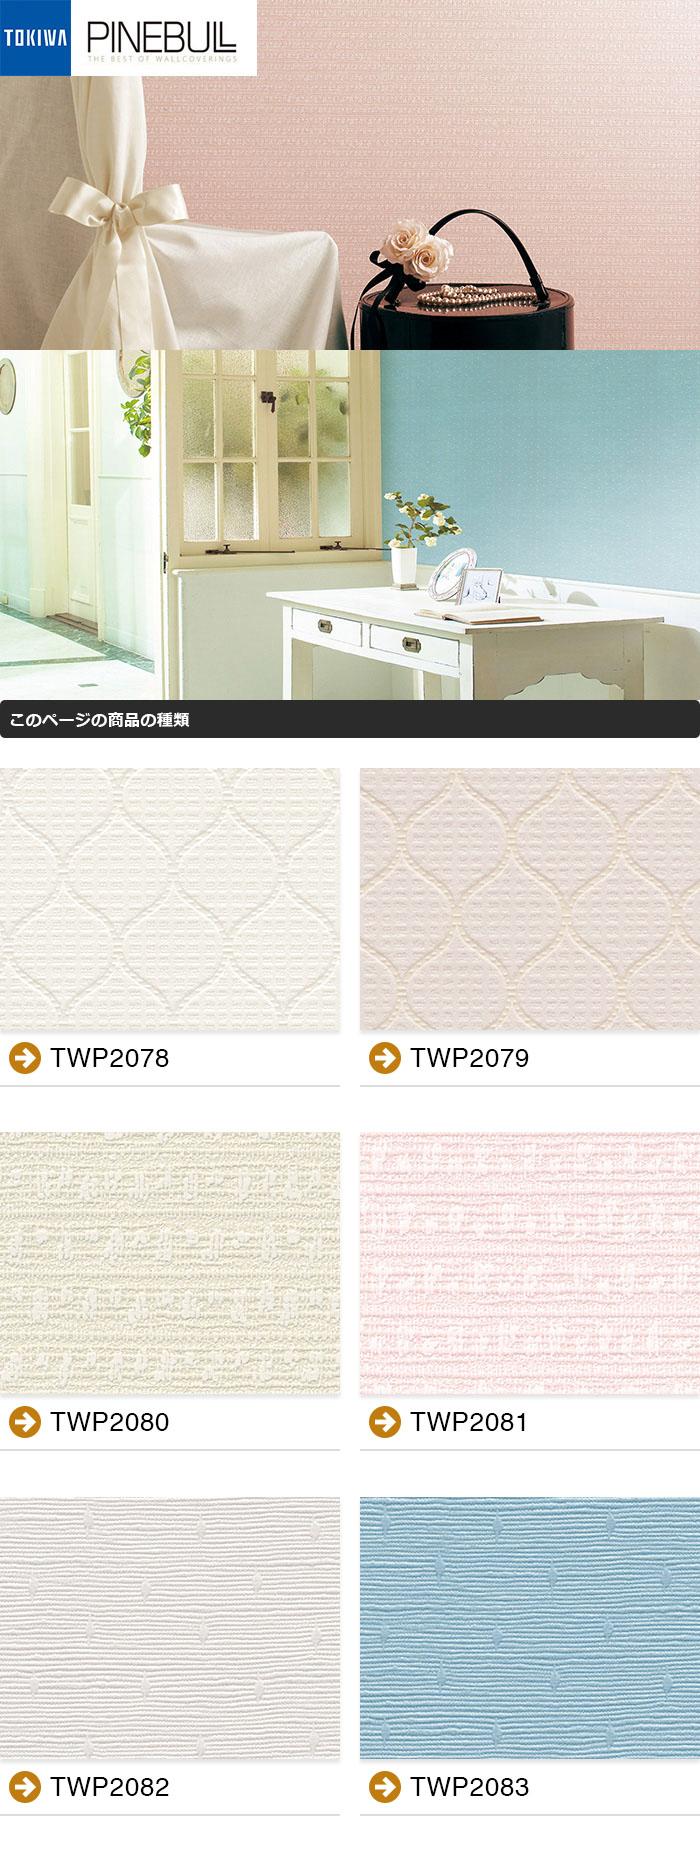 壁紙 のり付き のり付き壁紙 トキワ パインブル Tokiwa Pinebull 織物